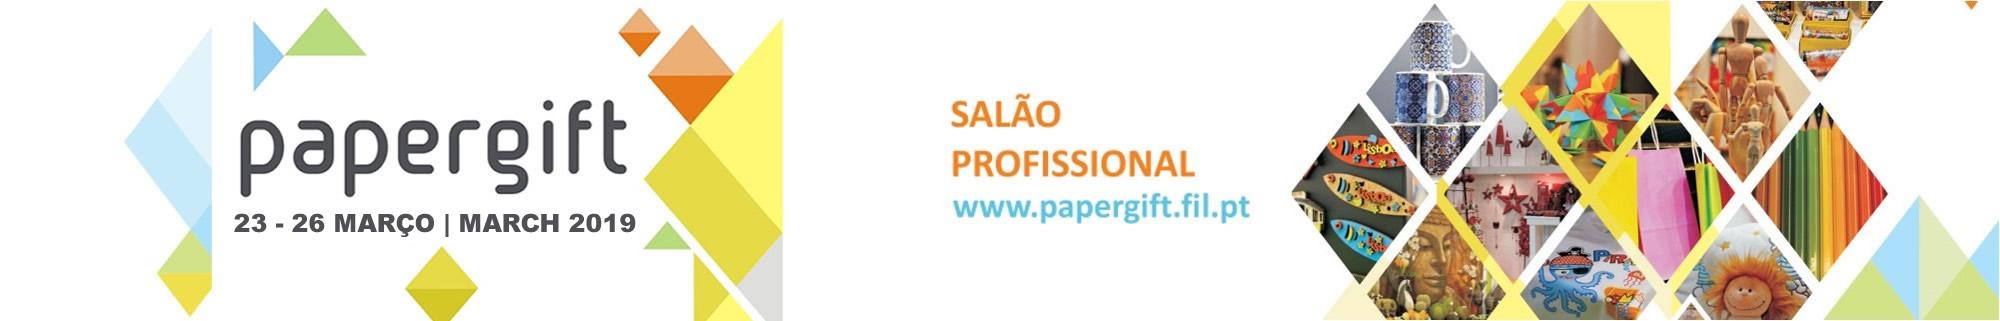 Papergift Logo